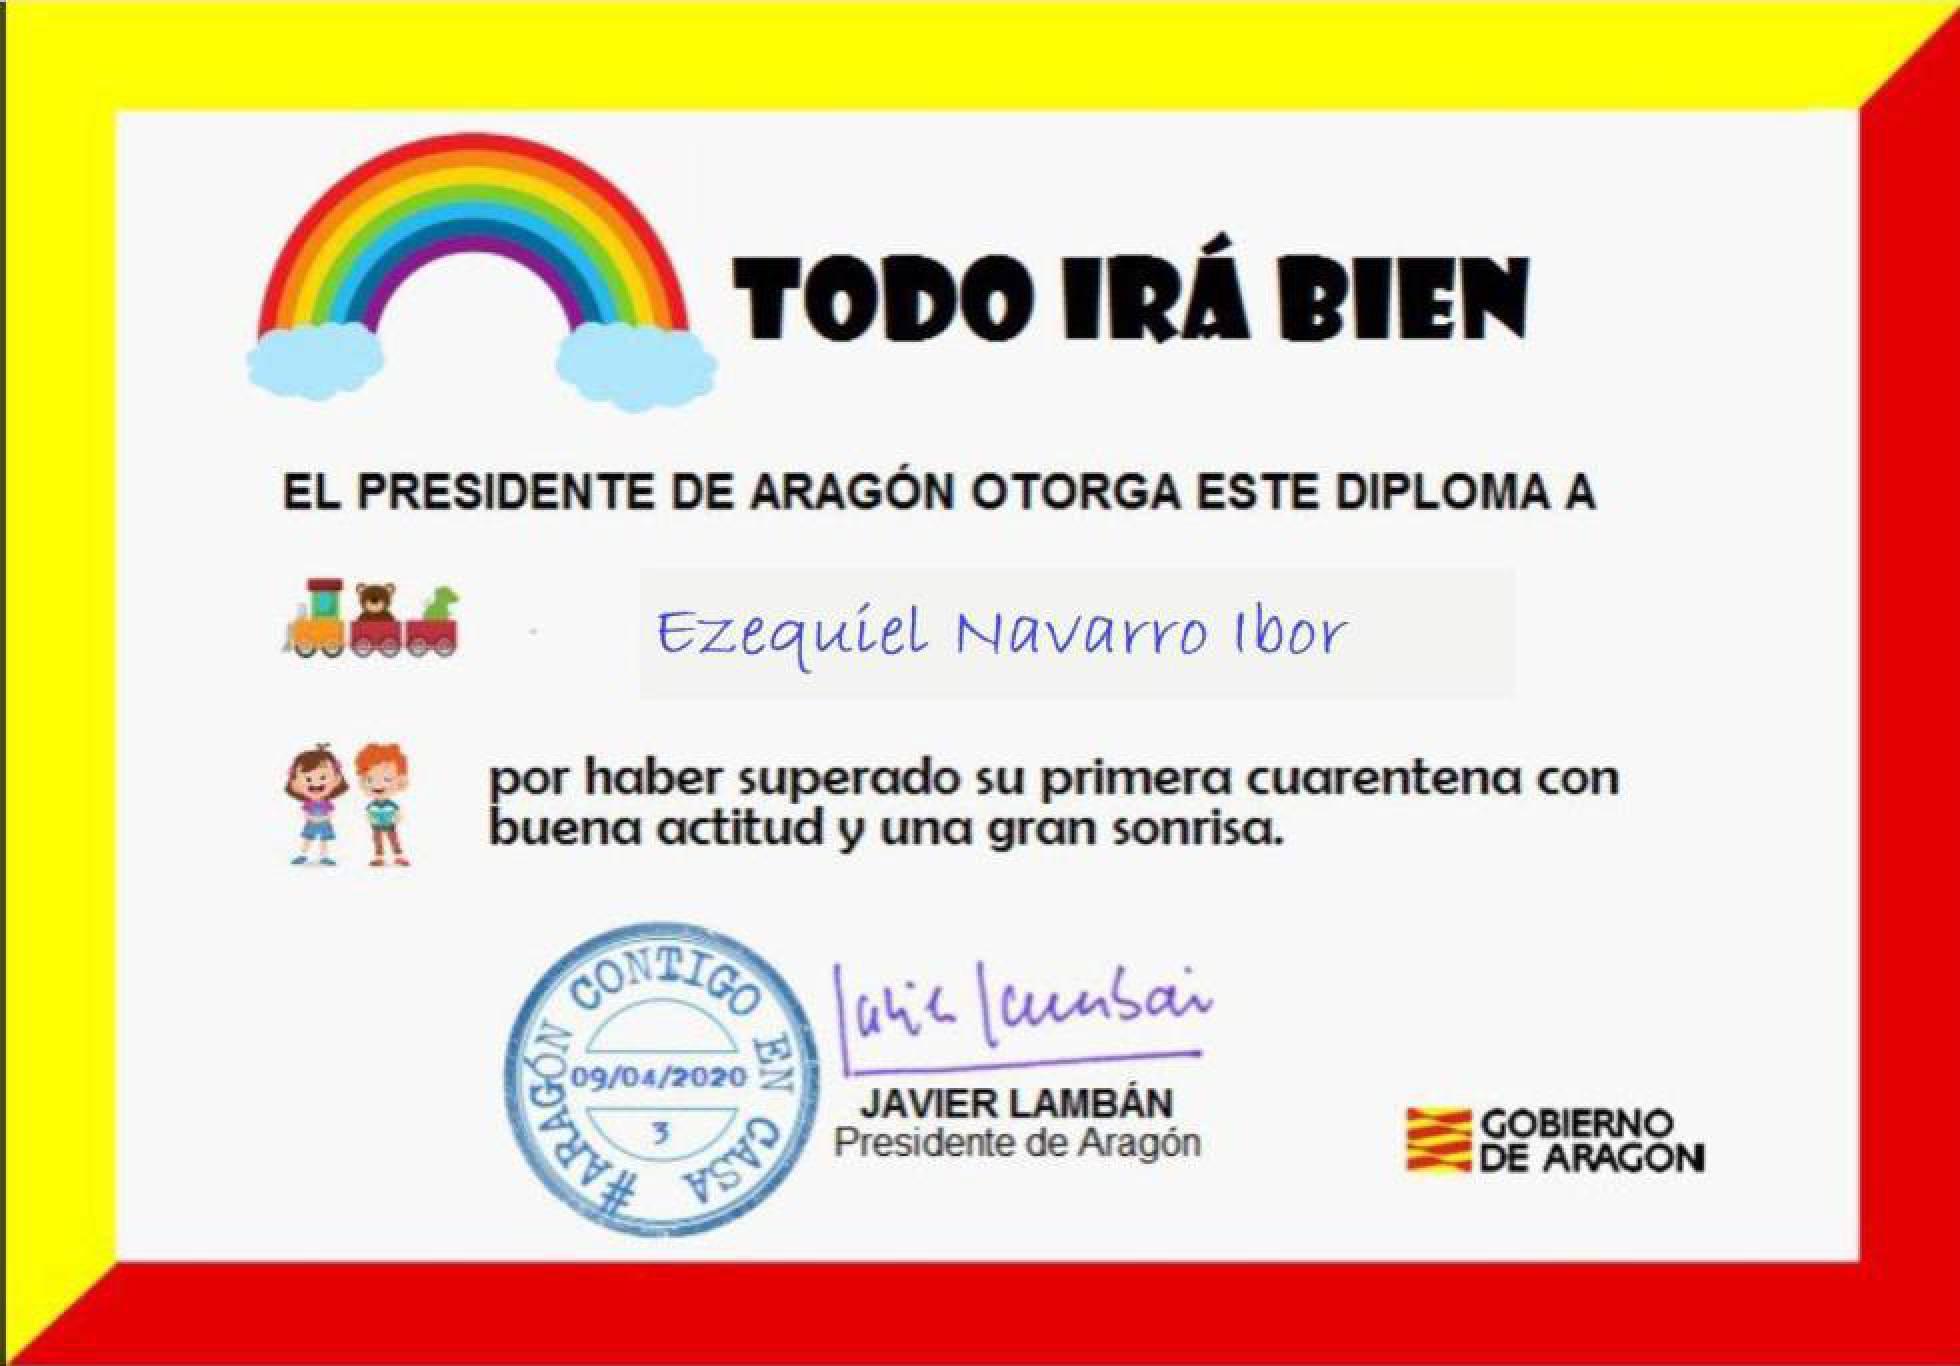 В Арагоне маленьких жителей радуют дипломами за терпение во время карантина